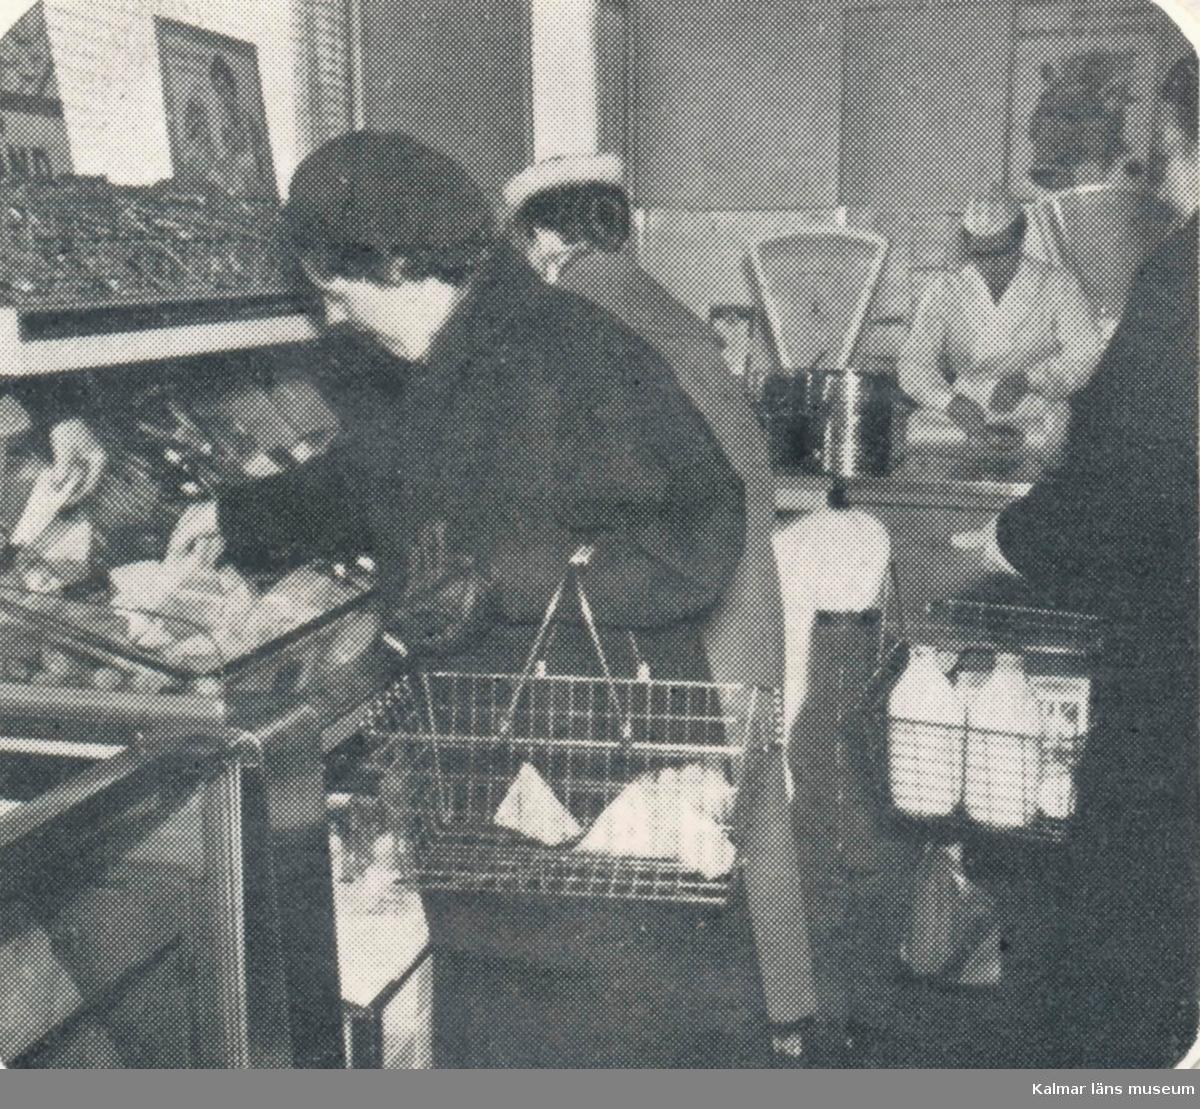 Konsumbutiken på Sandås (Bragegatan), efter ombyggnaden till snabbköp.   Bilden är hämtad ur en tryckt skrift, och är därför rastererad.